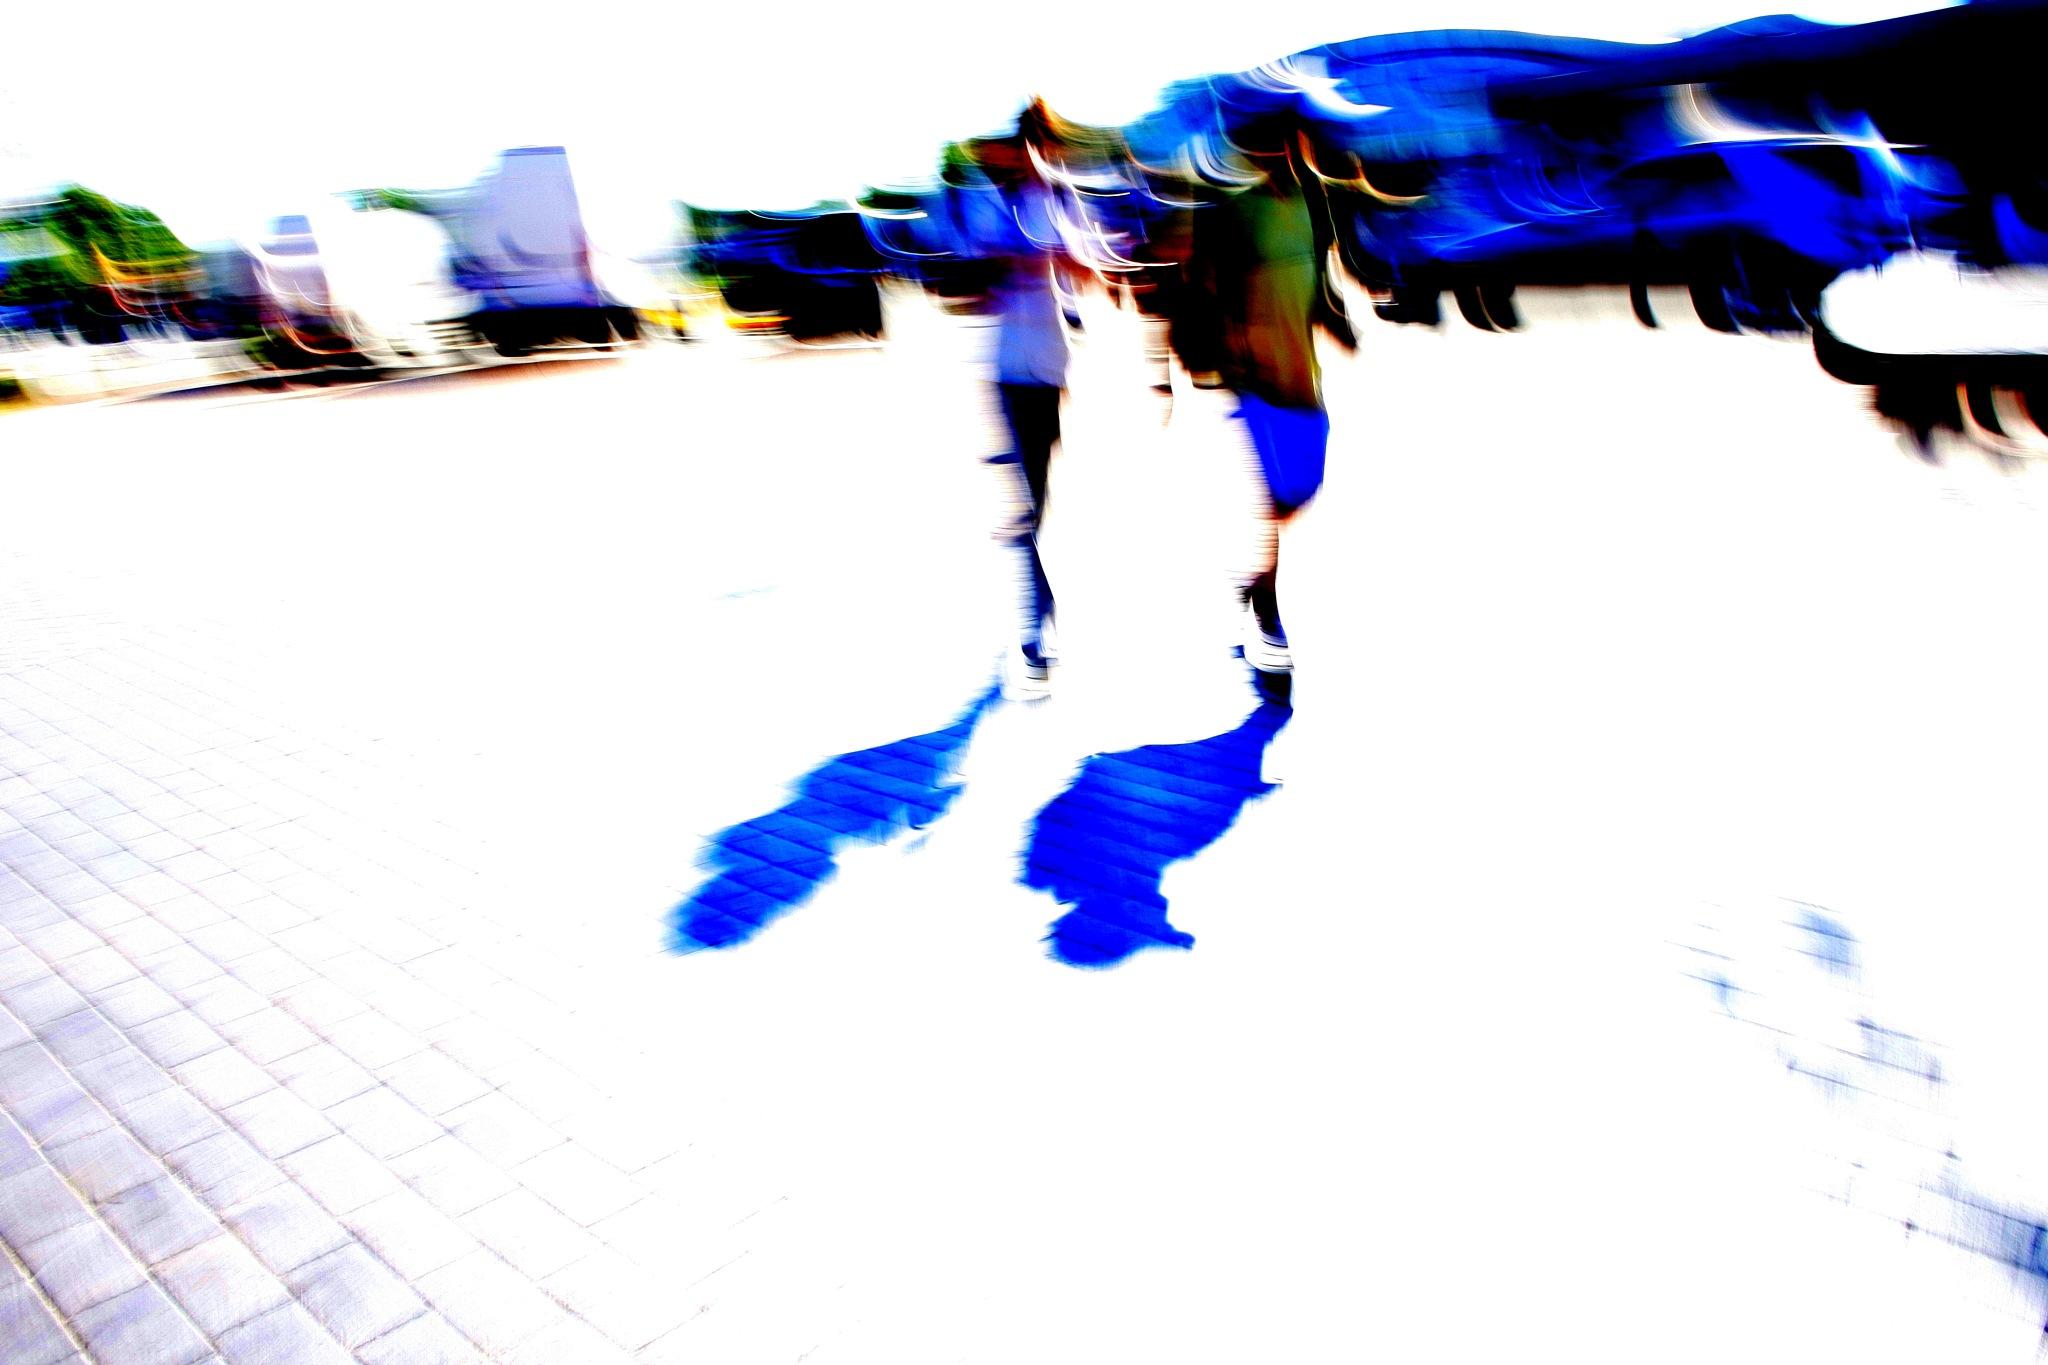 Movement Tallinn #Movement #Tallinn by Lasse Tur